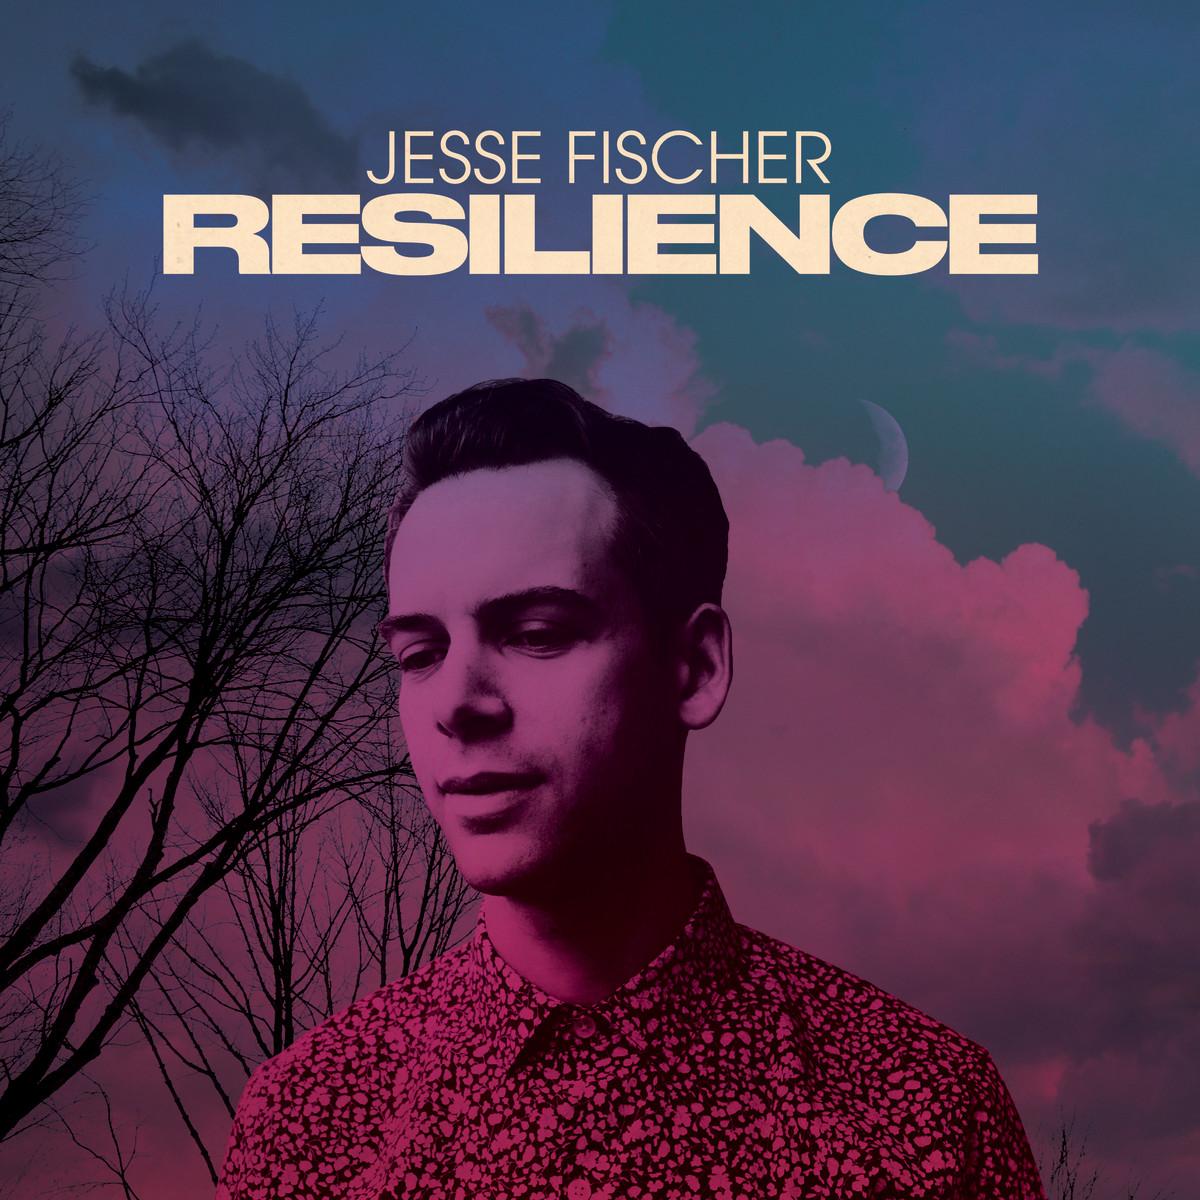 Jesse Fischer